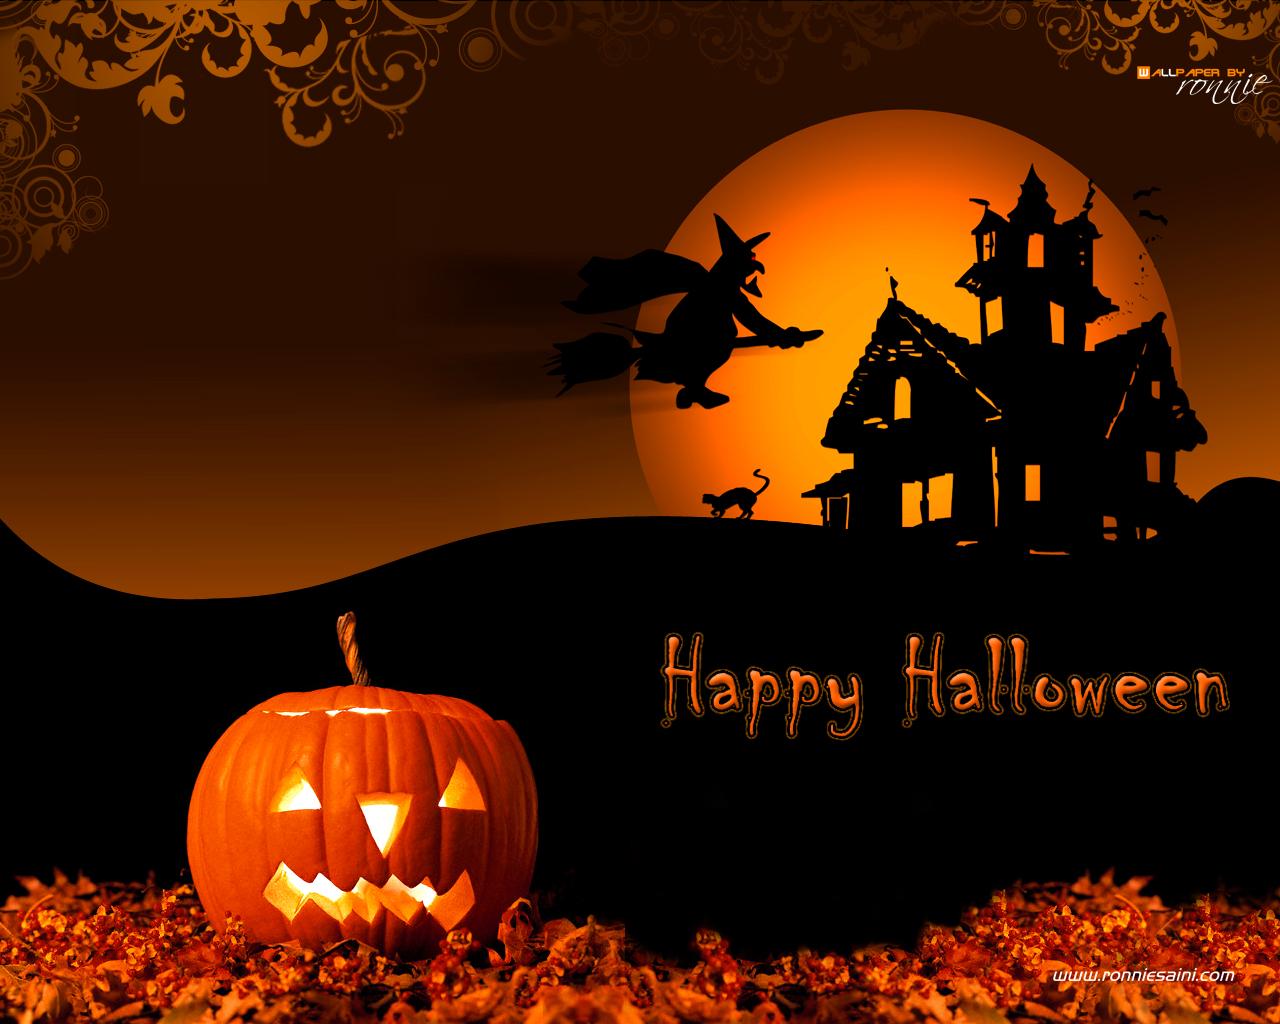 http://4.bp.blogspot.com/_0aehjnsJh8Y/TMD0tn2uwpI/AAAAAAAABwg/8MaUPDWrO6A/s1600/Happy_Halloween_28938.jpg